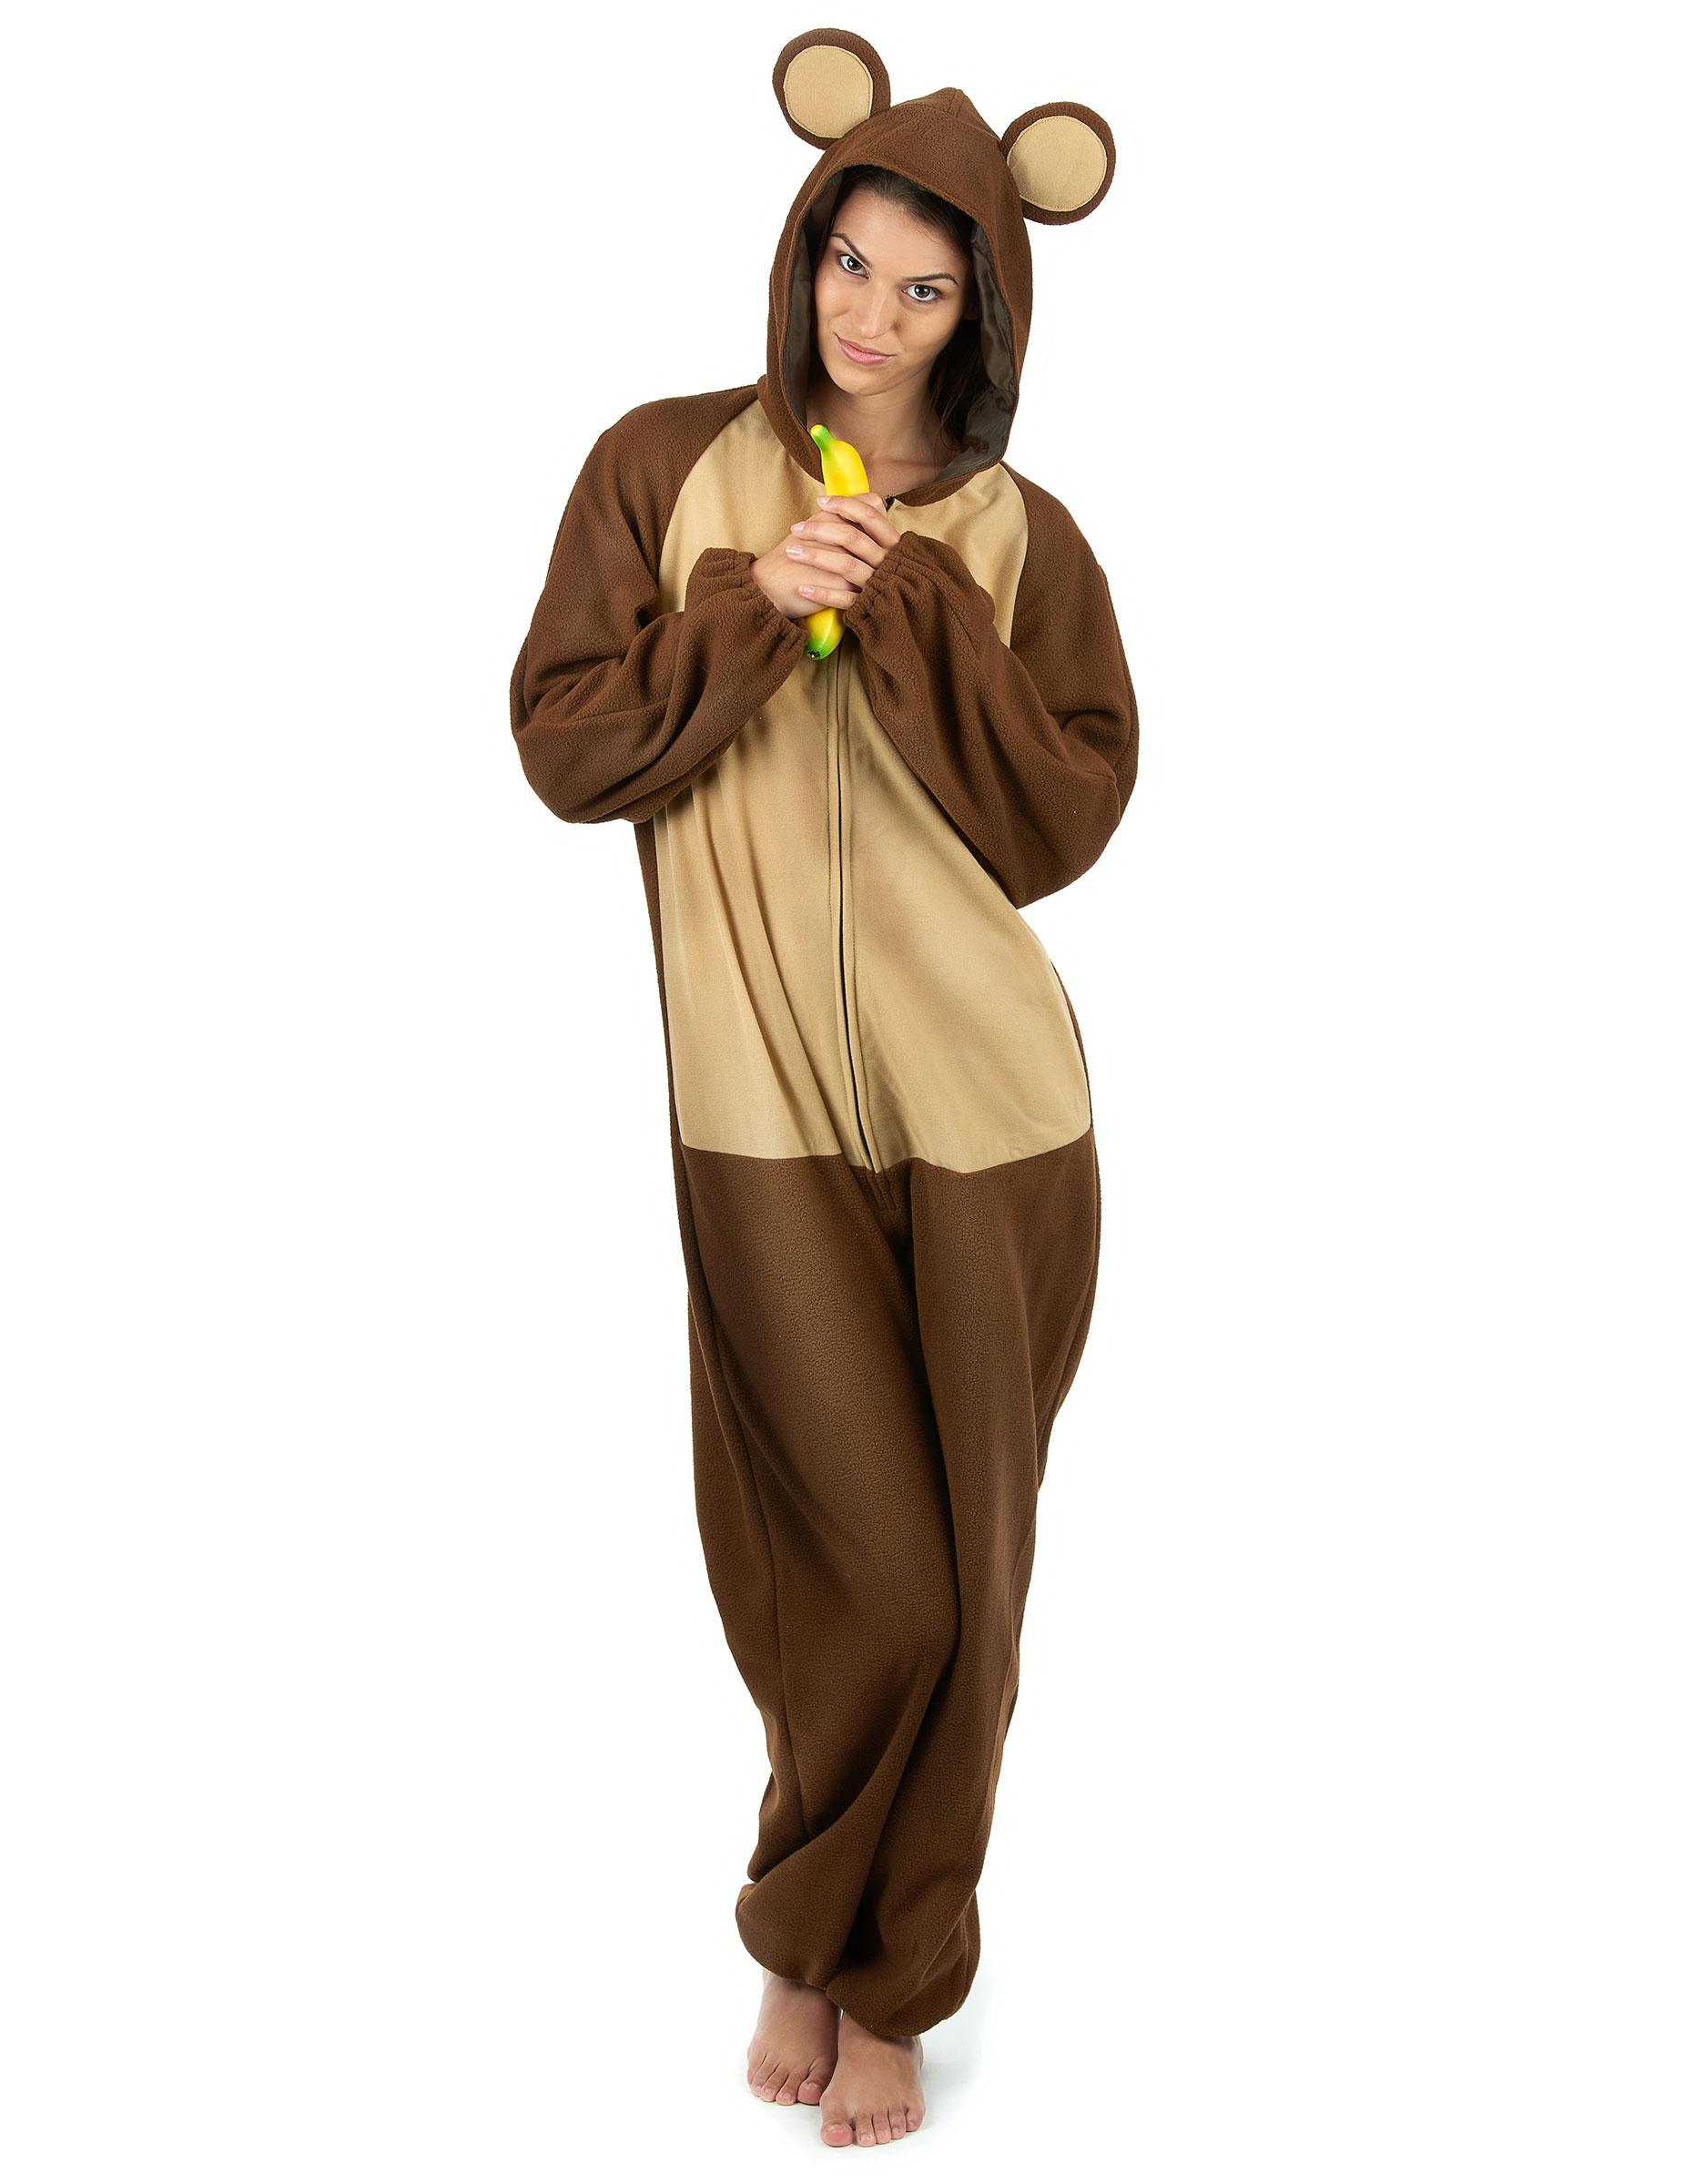 310aaf8b98 Disfraz mono para mujer: Disfraces adultos,y disfraces originales ...